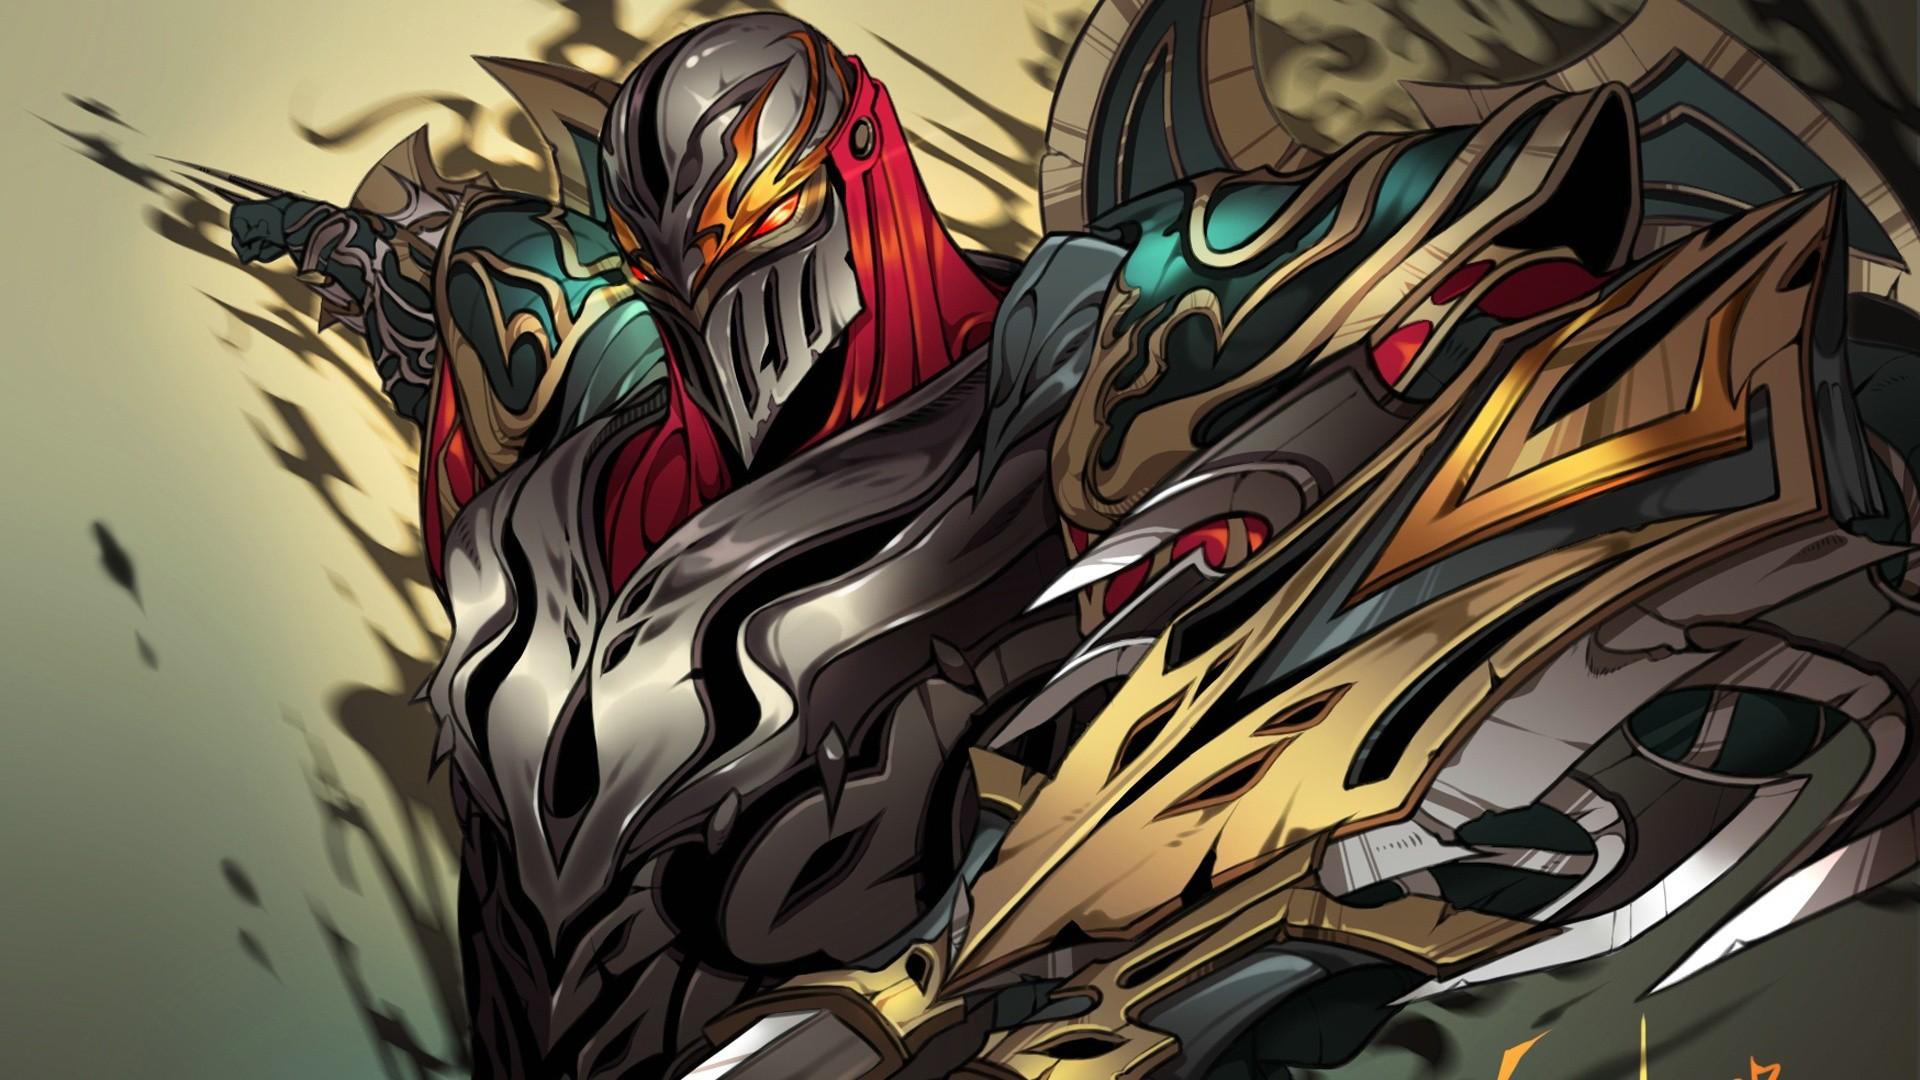 Zed League Of Legends 1920x1080 Px